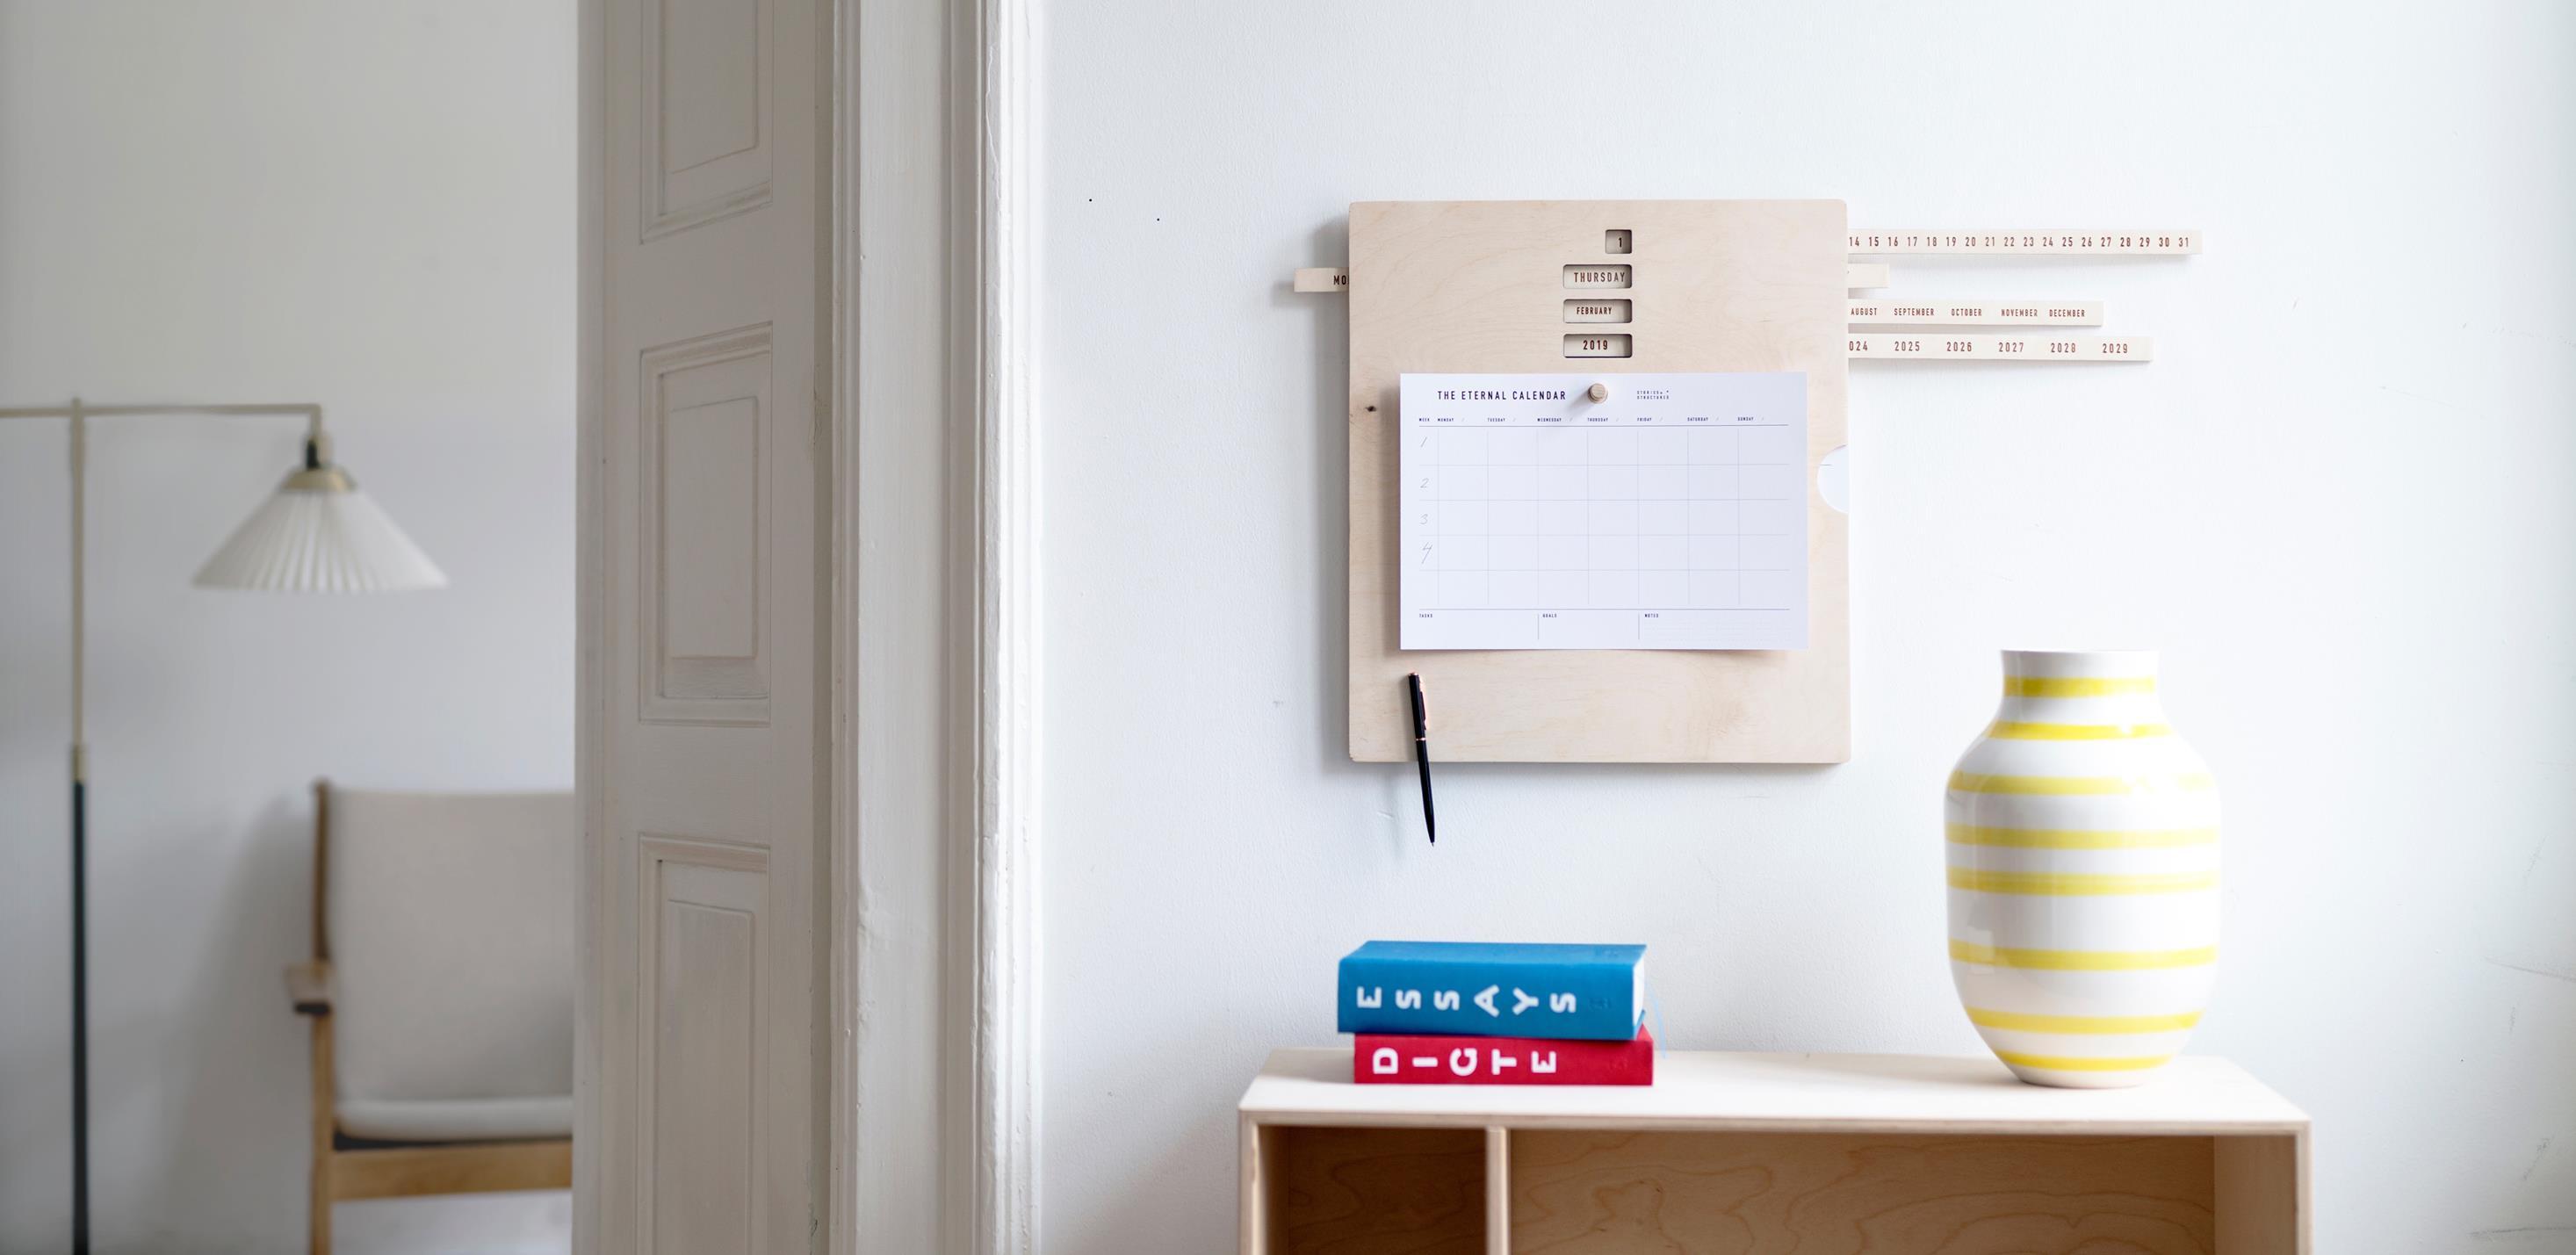 Dezent, minimalistisch, schön. (Foto: Stories in Structures)